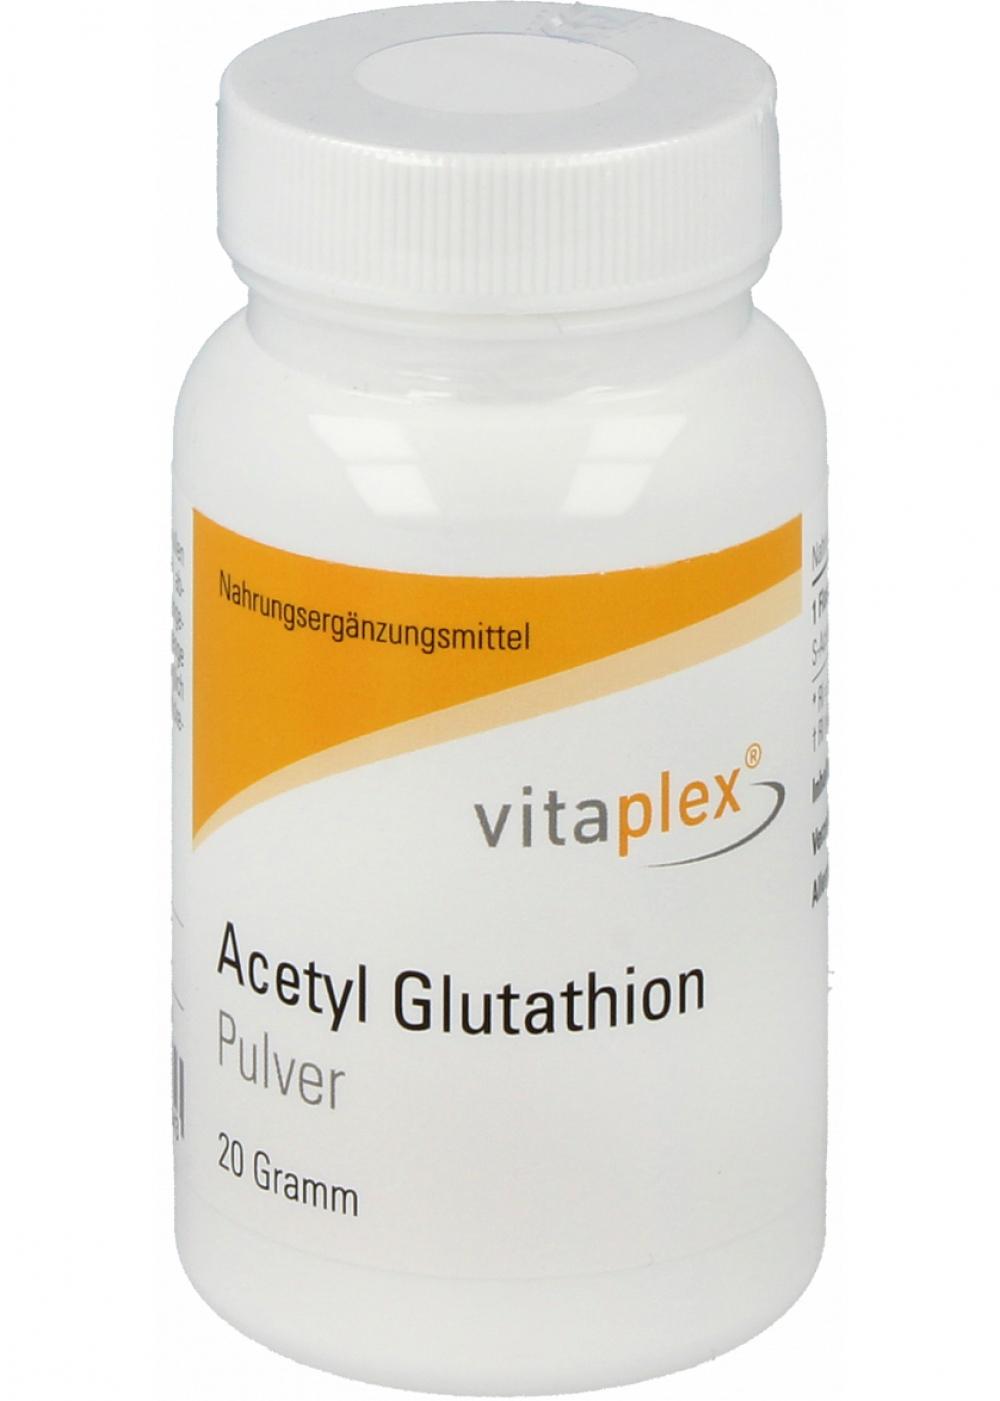 Vitaplex Acetyl Glutathion 20 Gramm Pulver